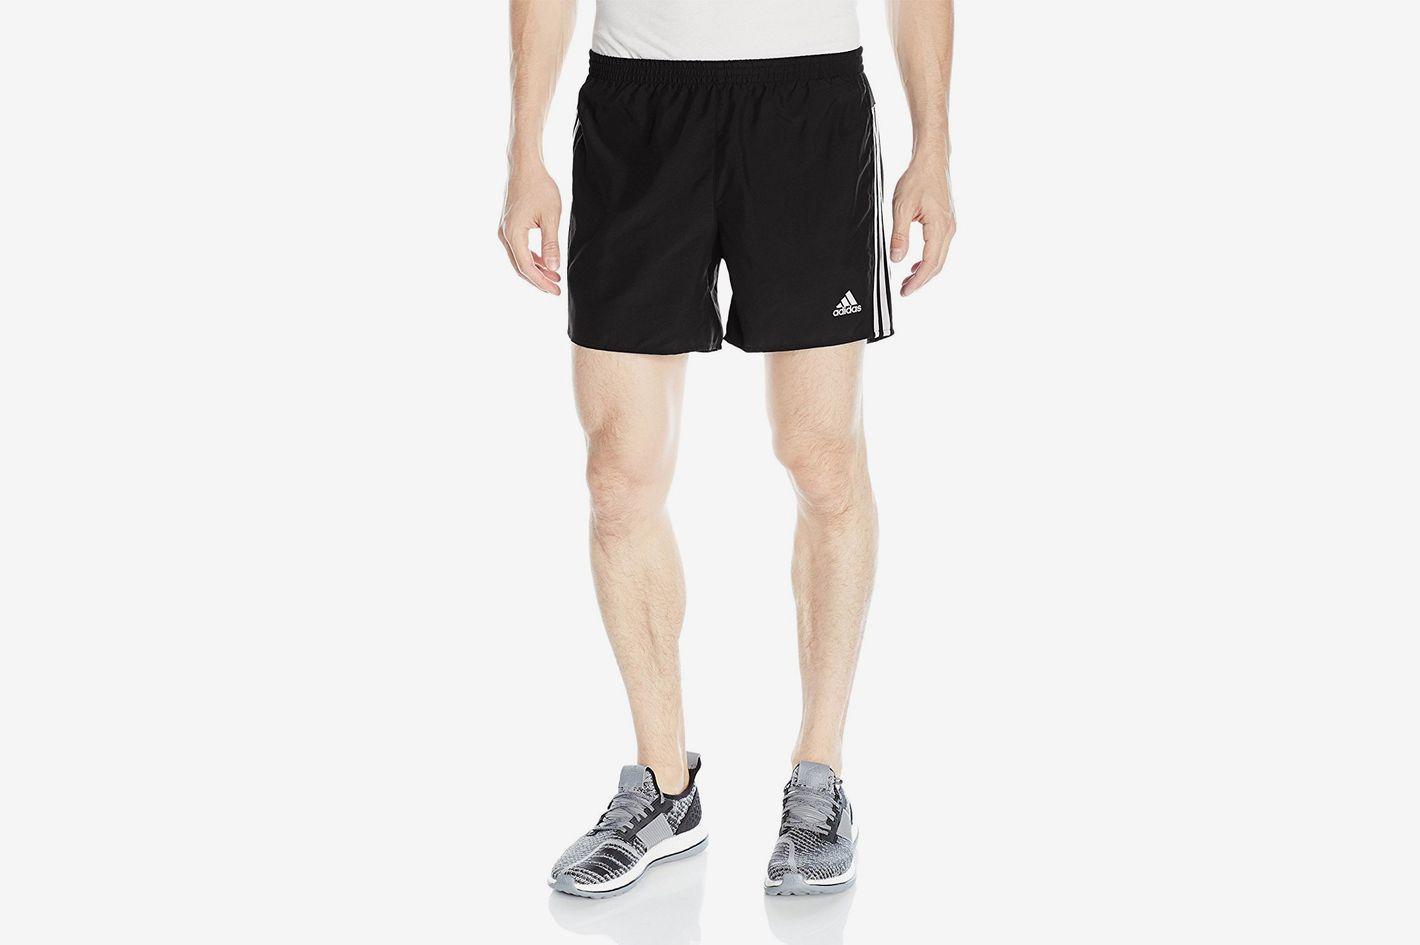 d050333818 Adidas Men's Response Running Shorts